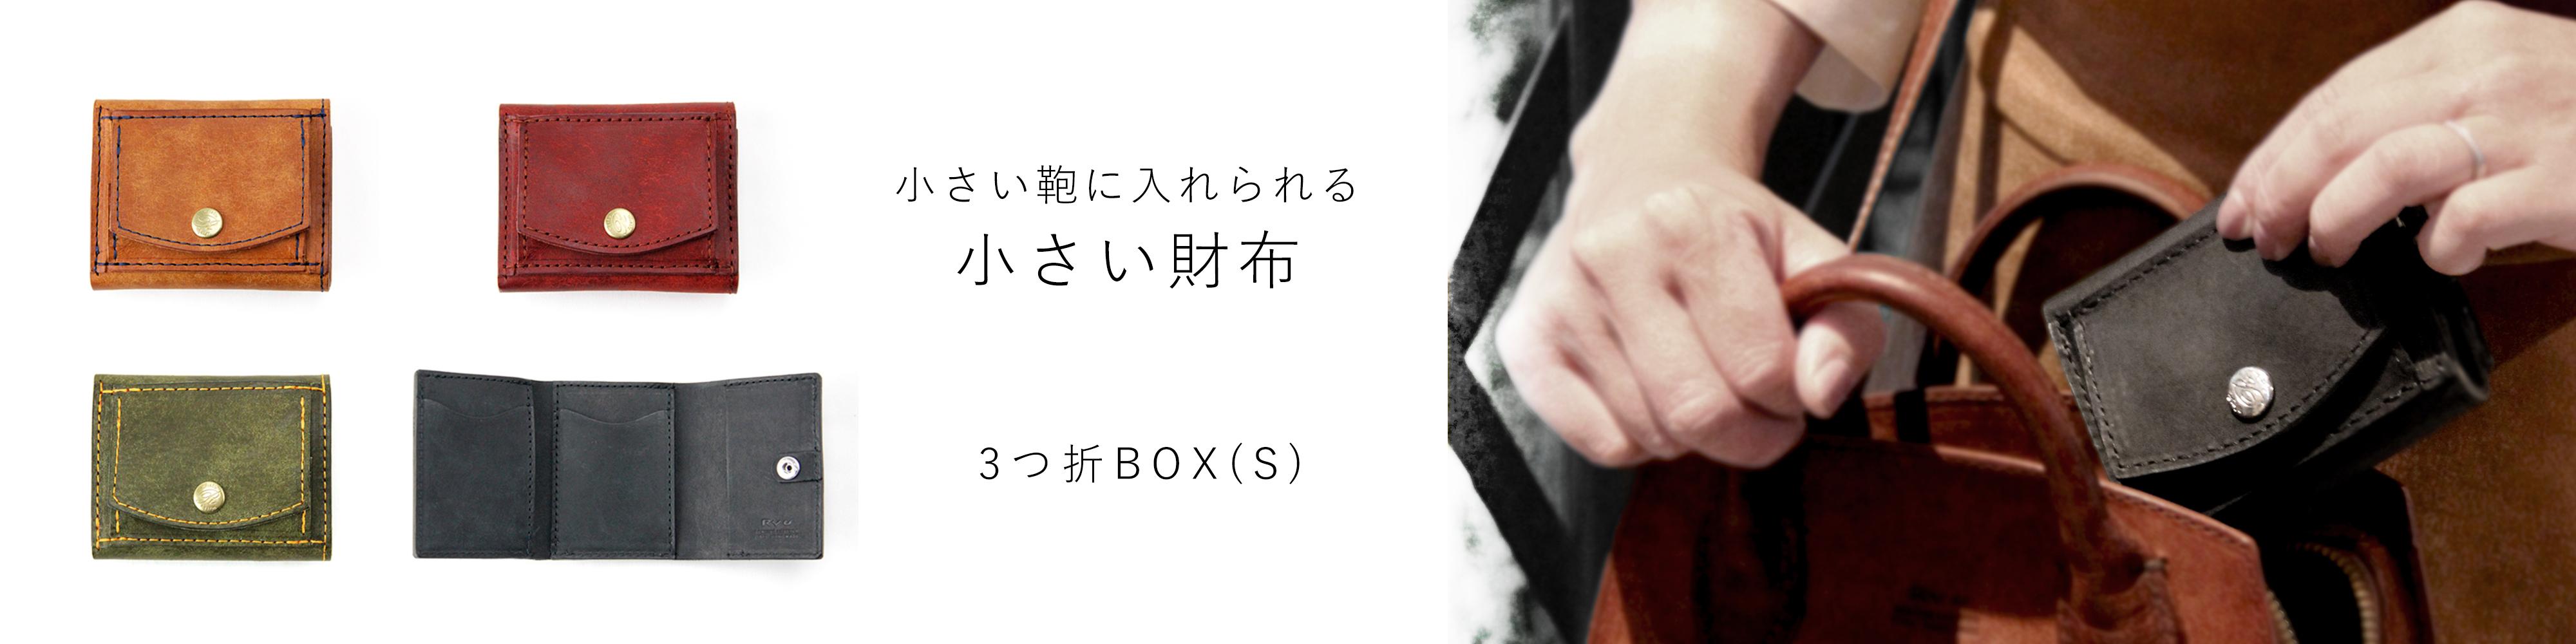 Pick Up / Ryu 3つ折BOX S